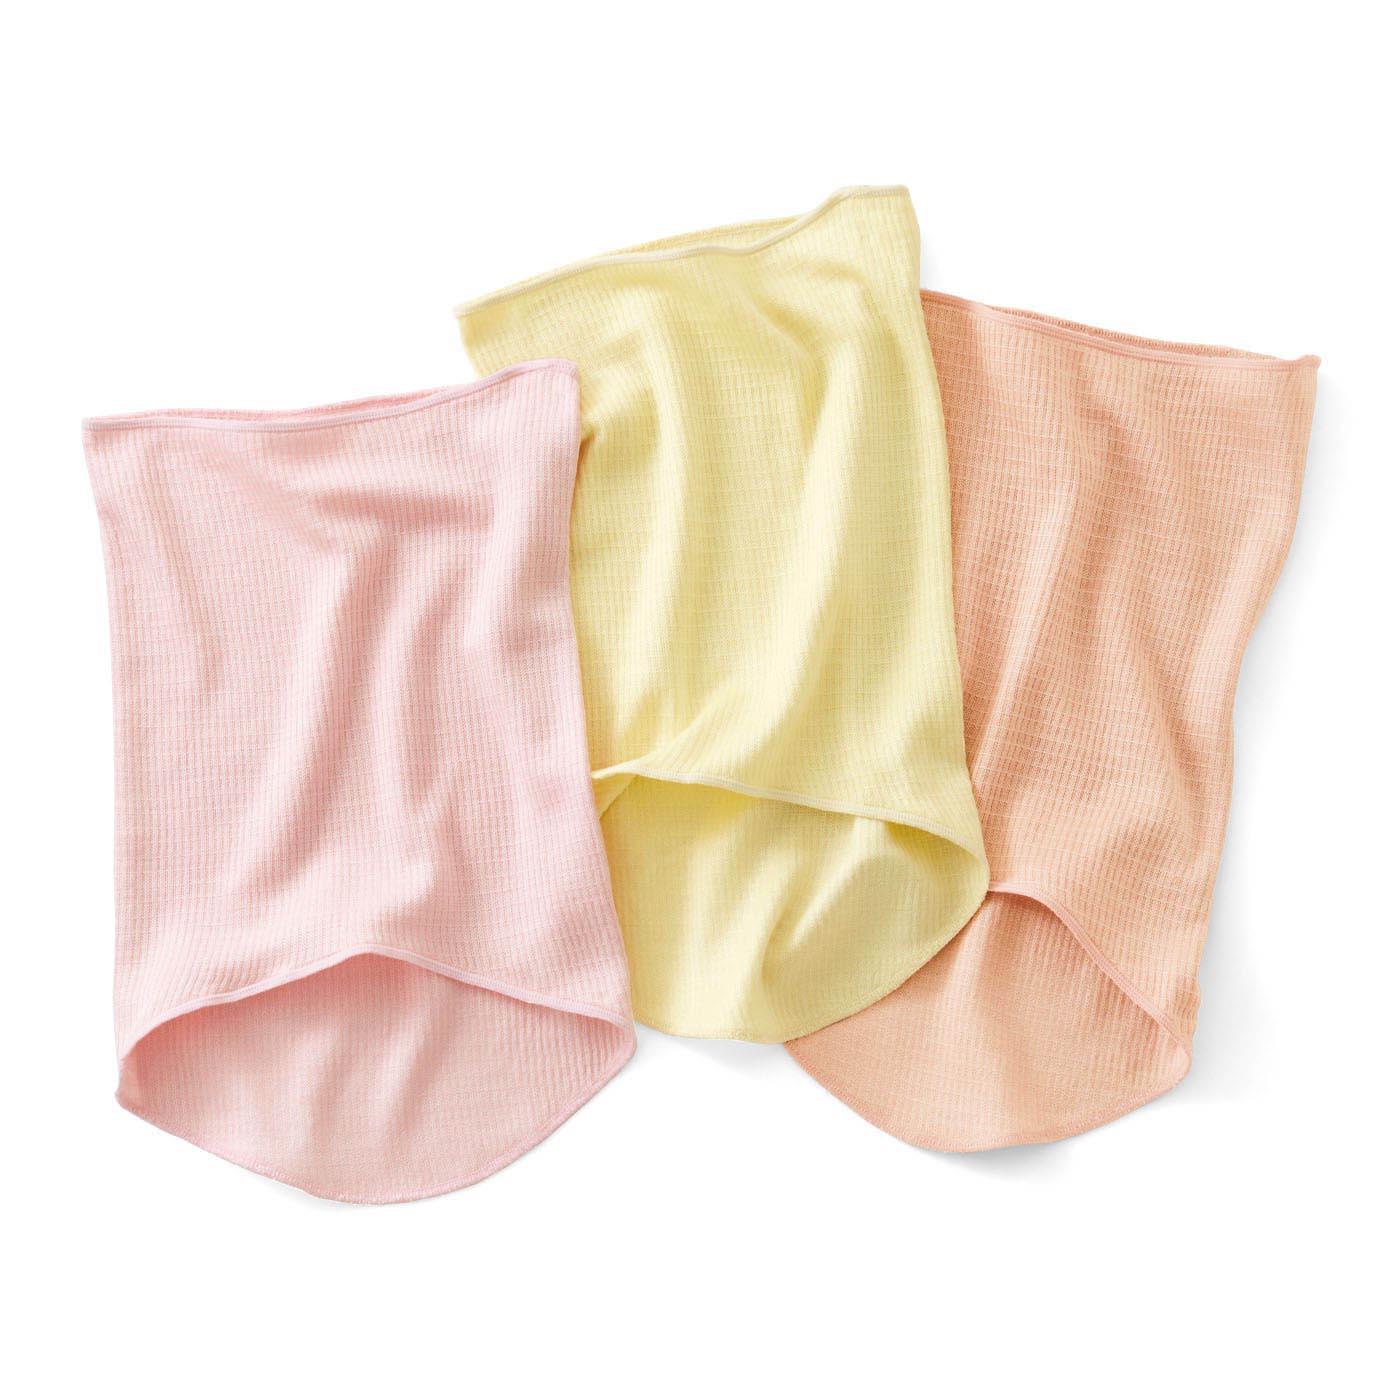 〈ピンク〉〈イエロー〉〈サーモン〉の3色展開。